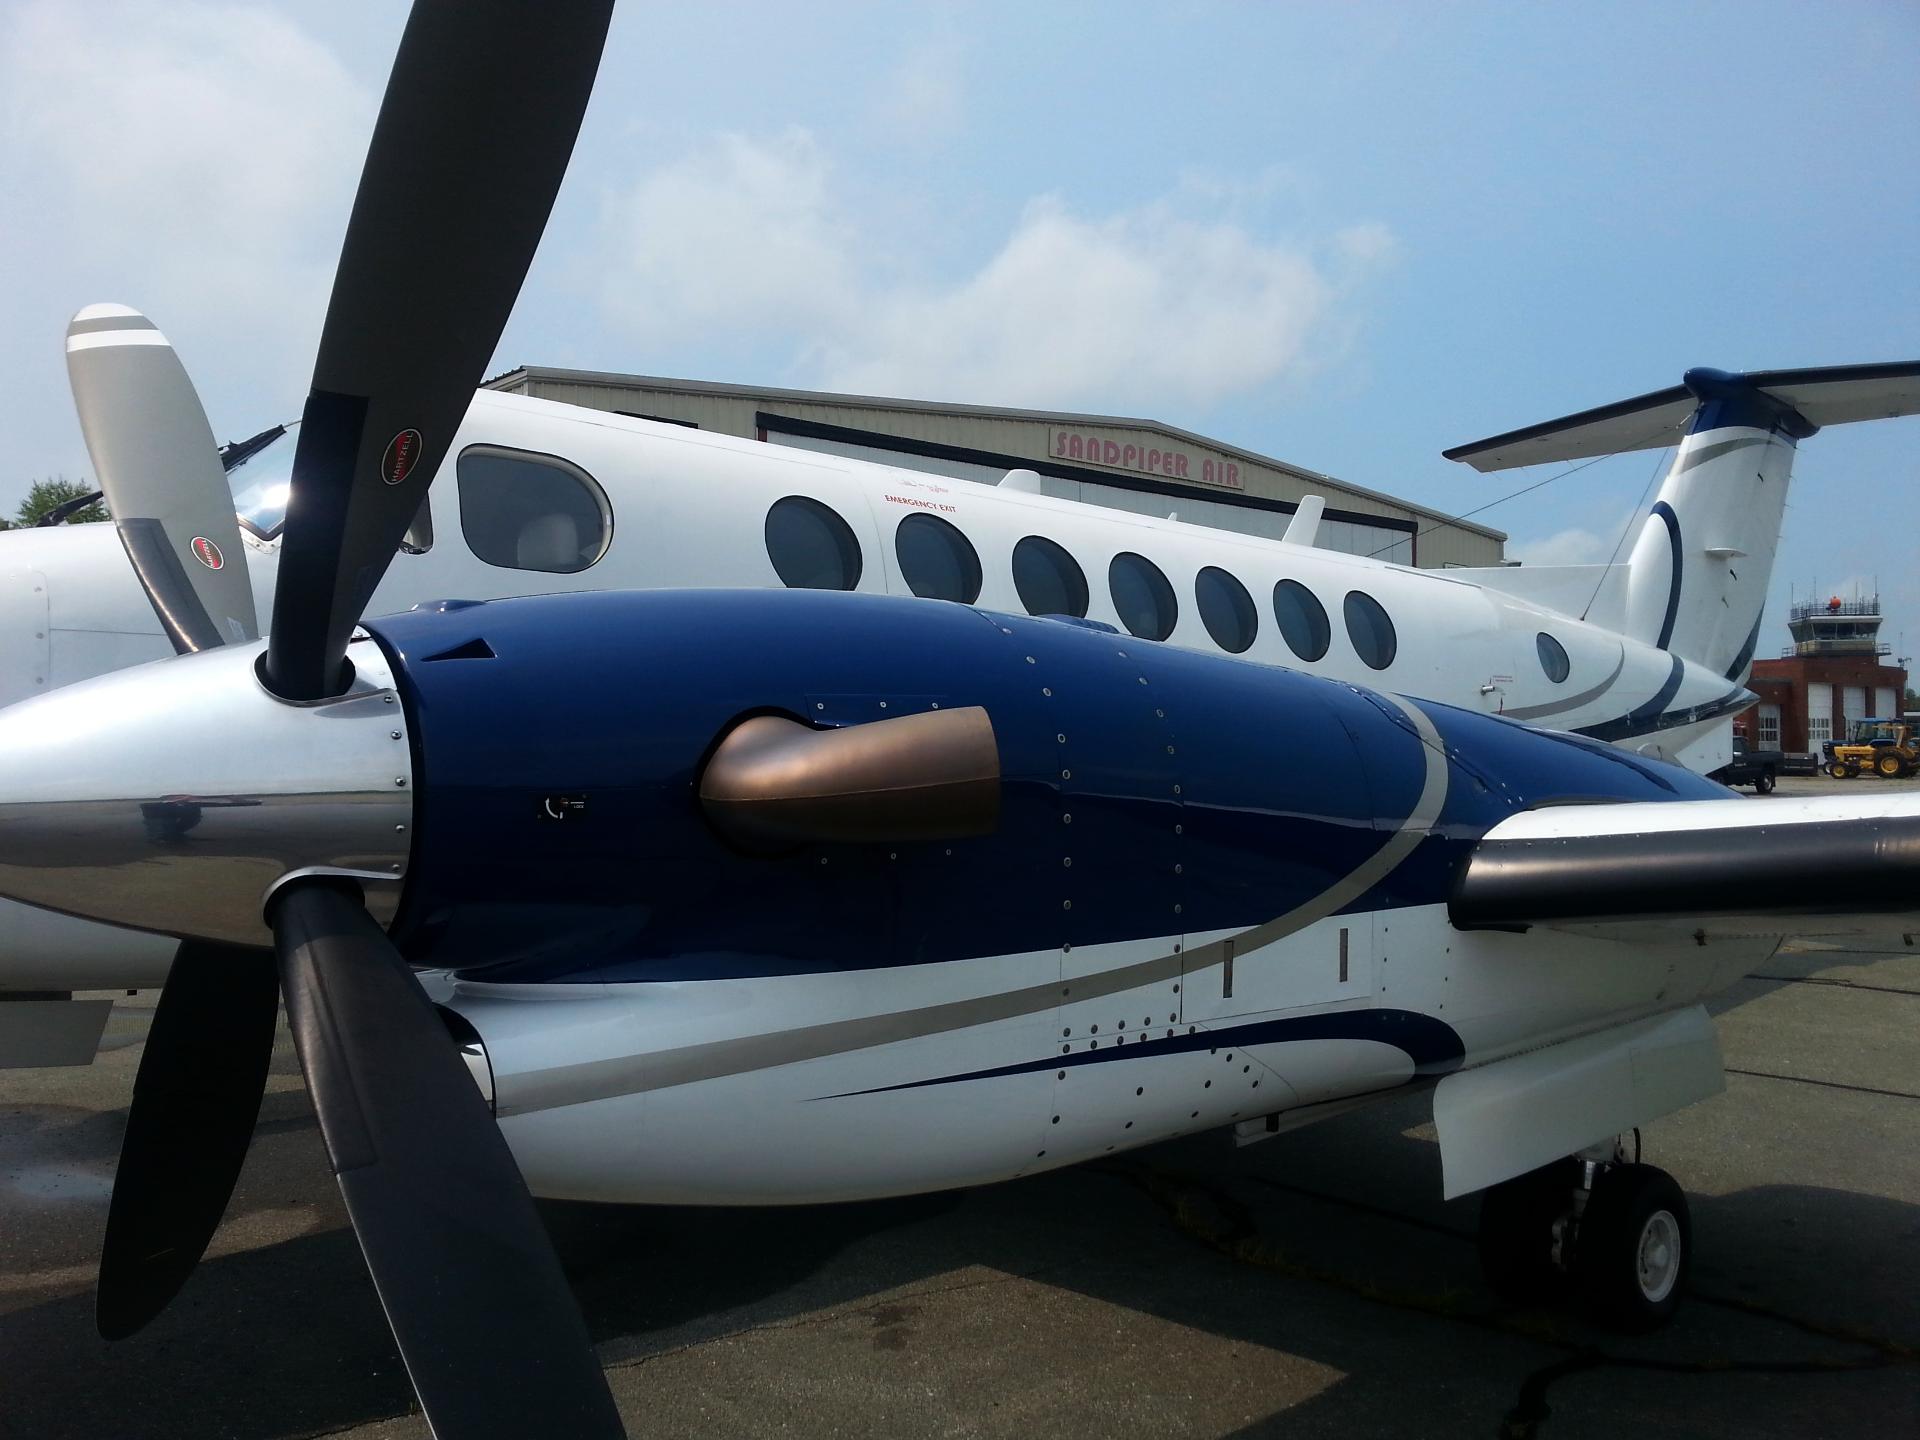 King Air at Sandpiper Air